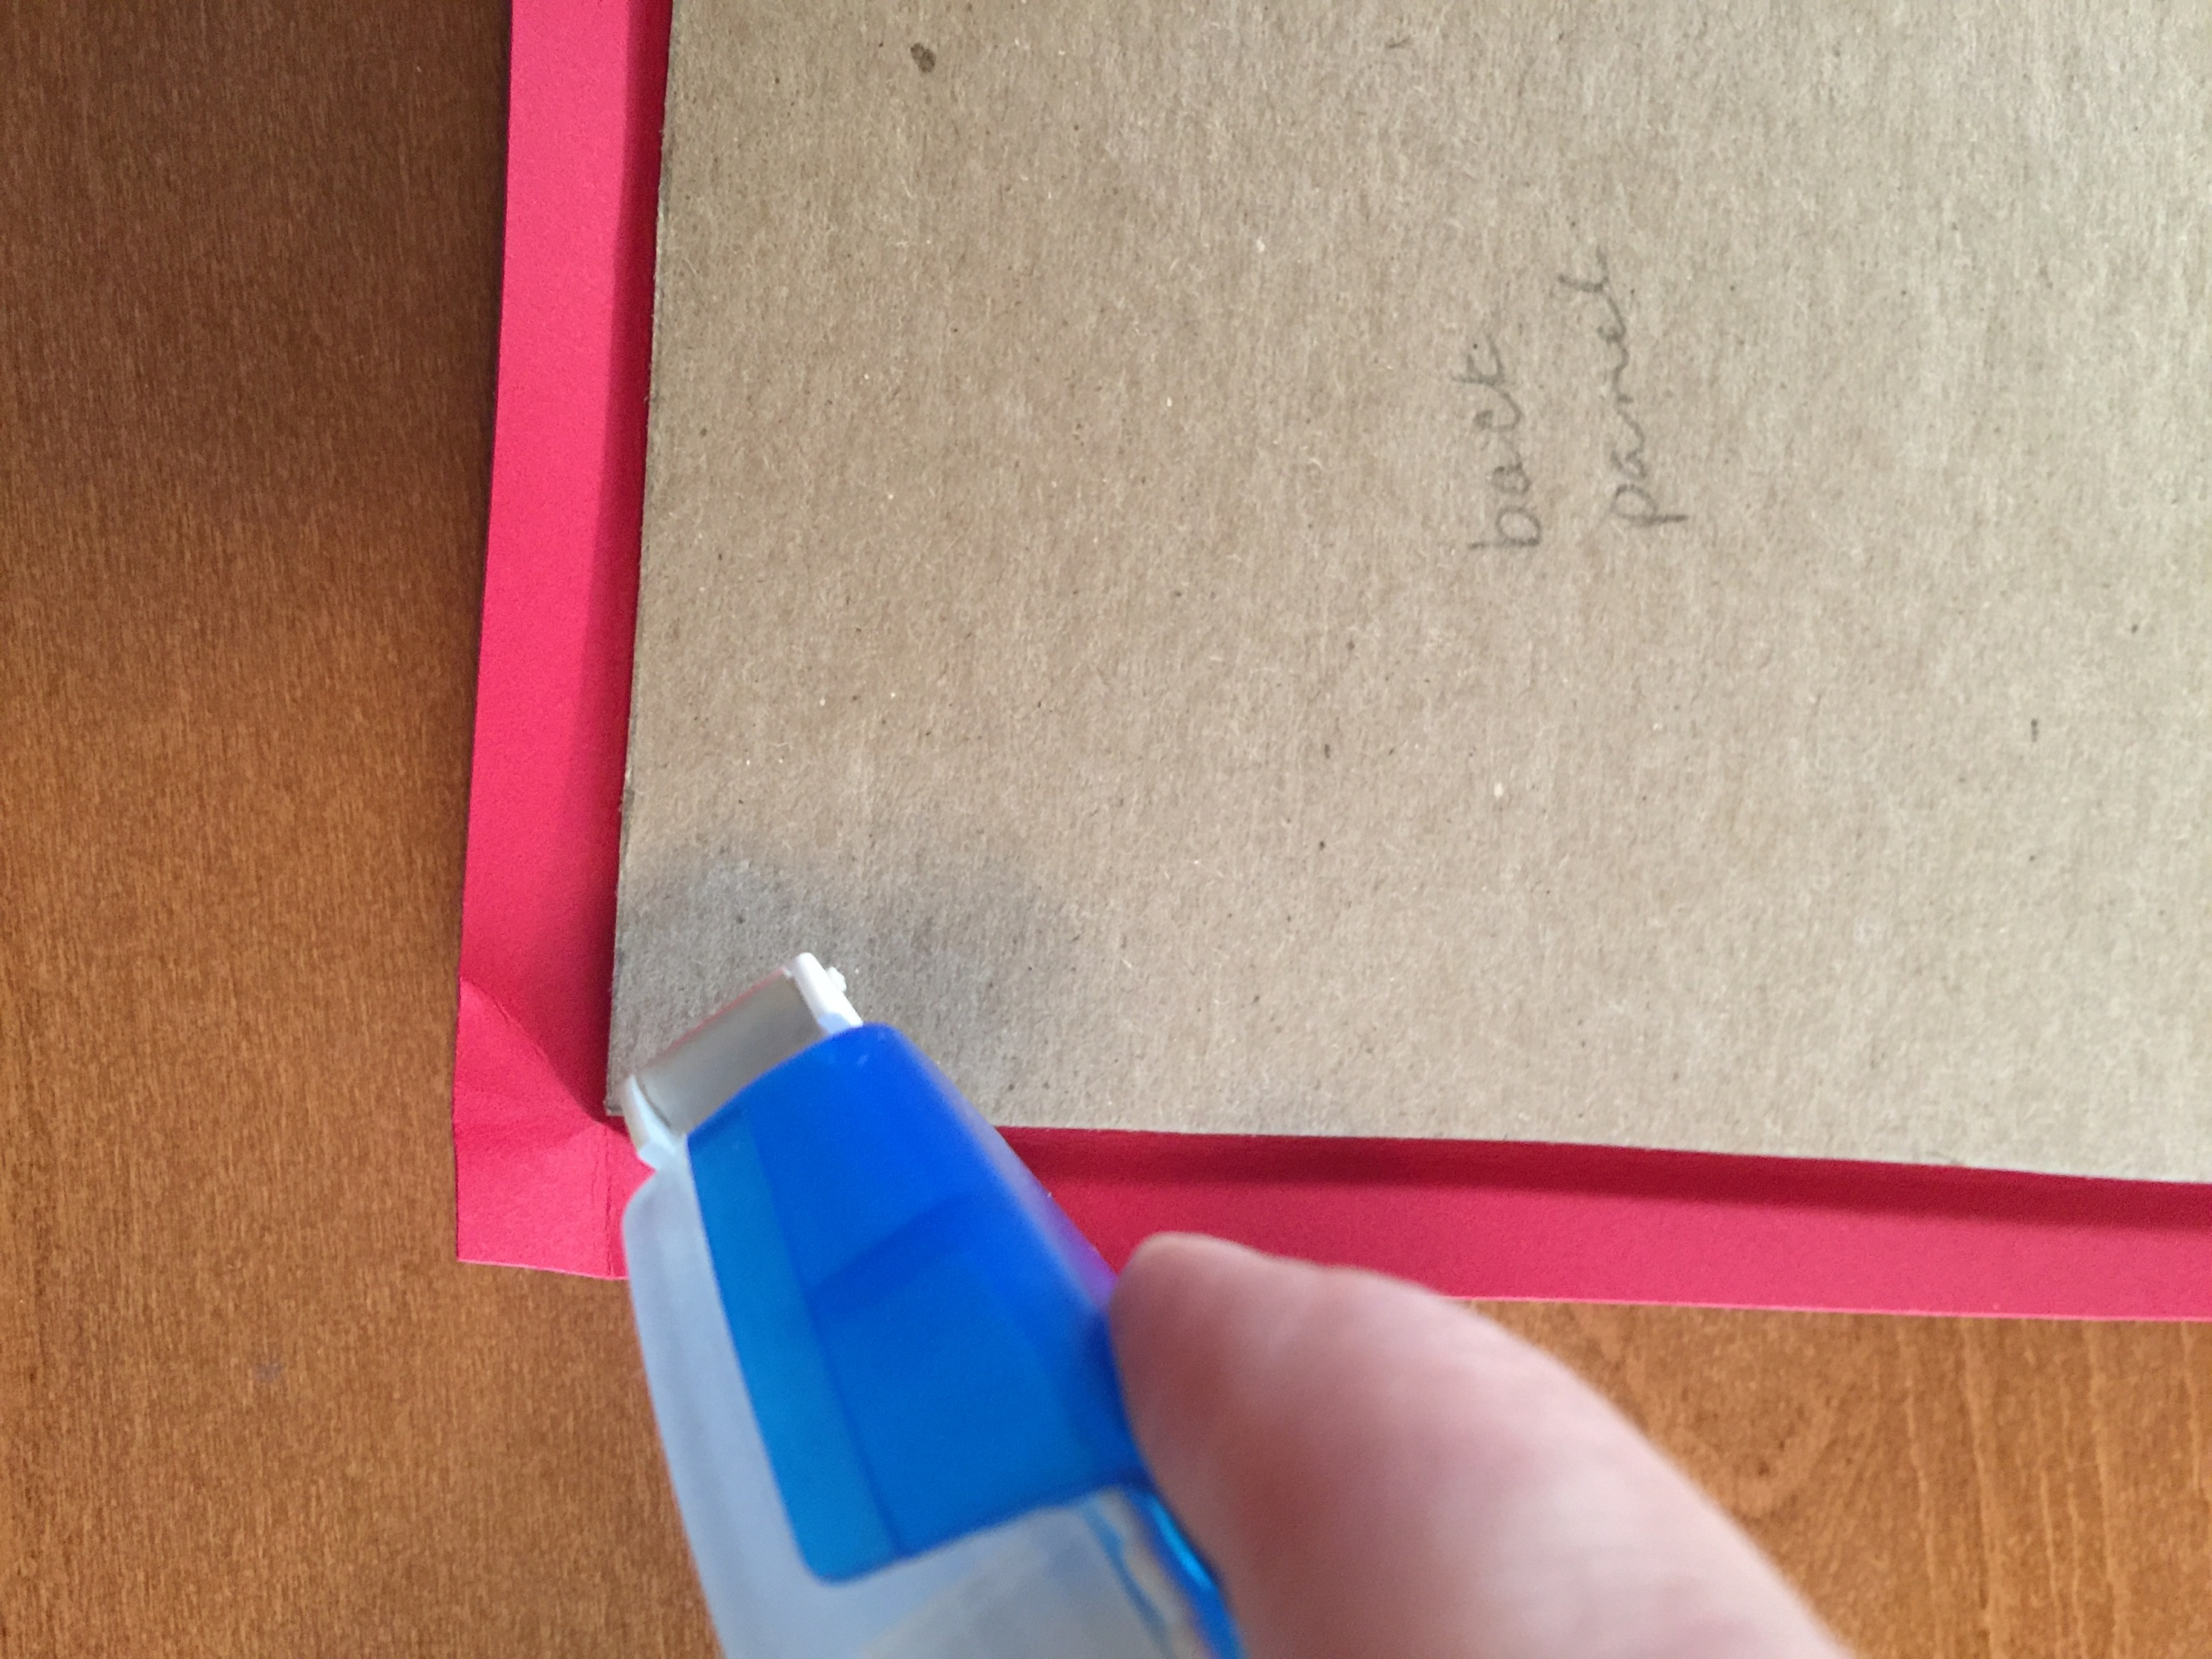 Corner adhesive